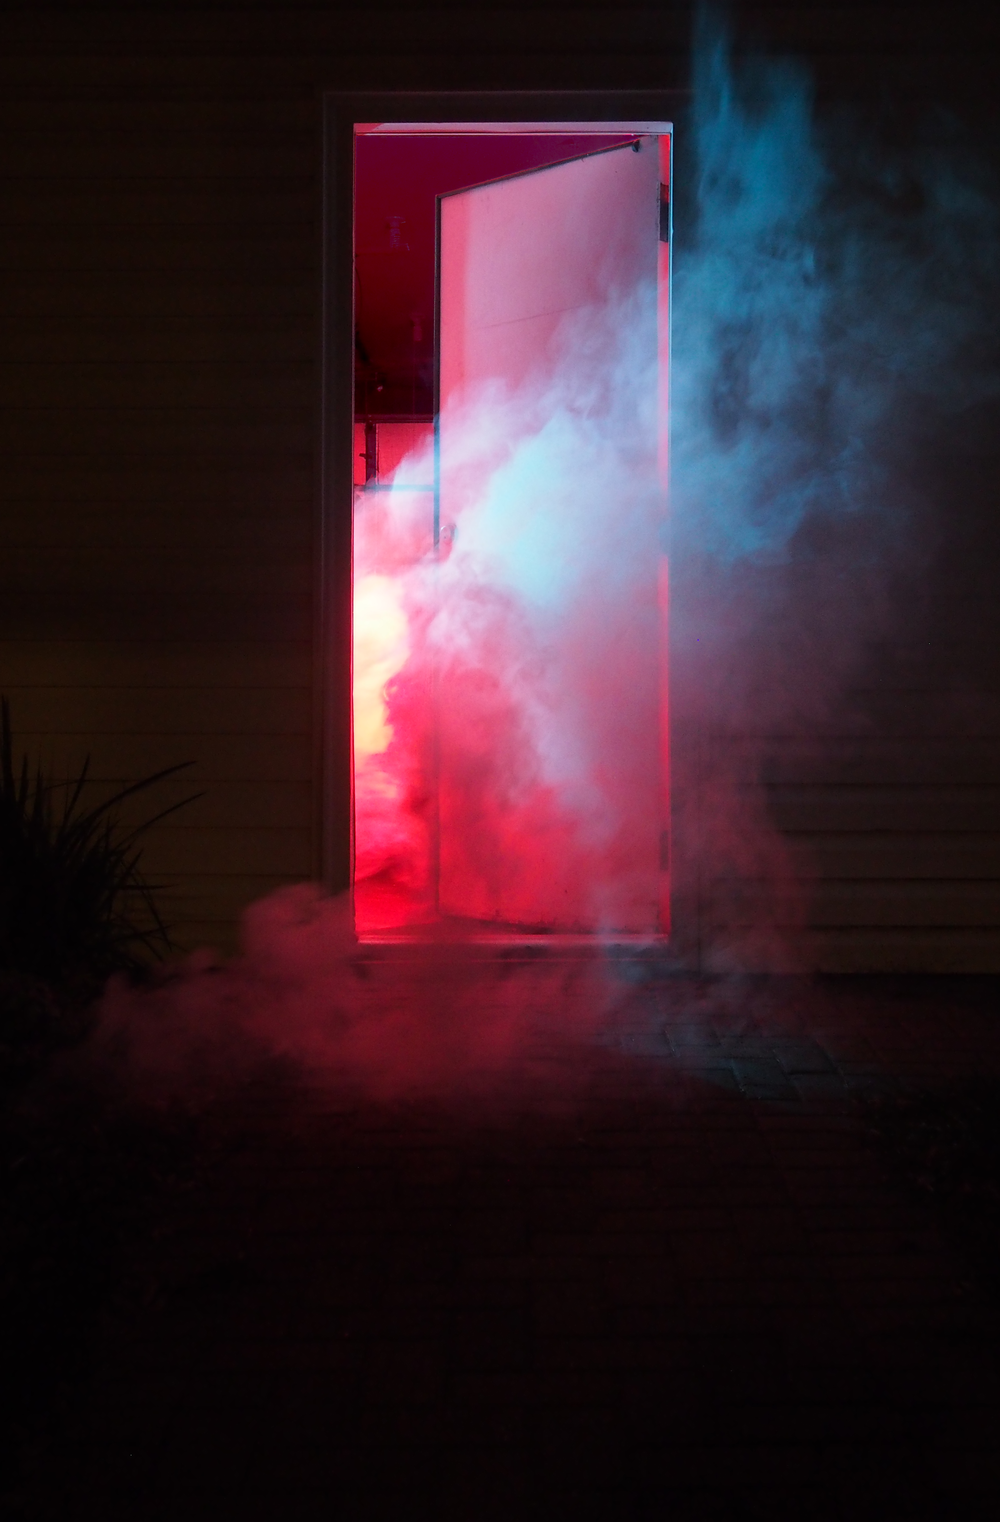 SmokeAndLights_GarageDoor_01.png